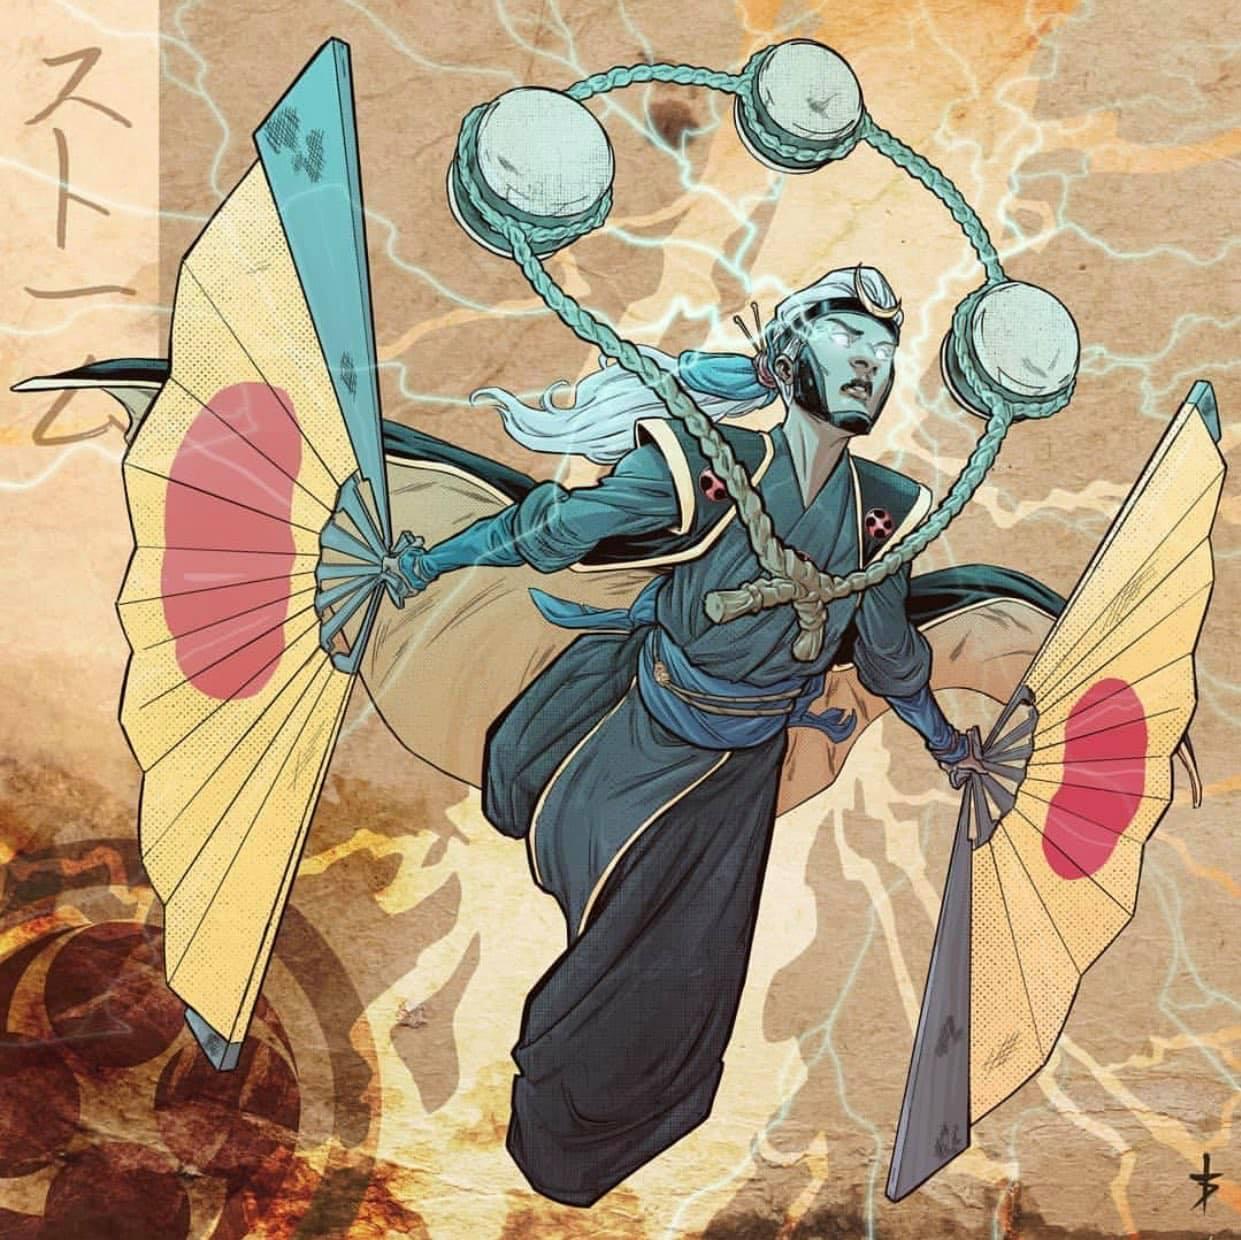 Tormenta Samurai